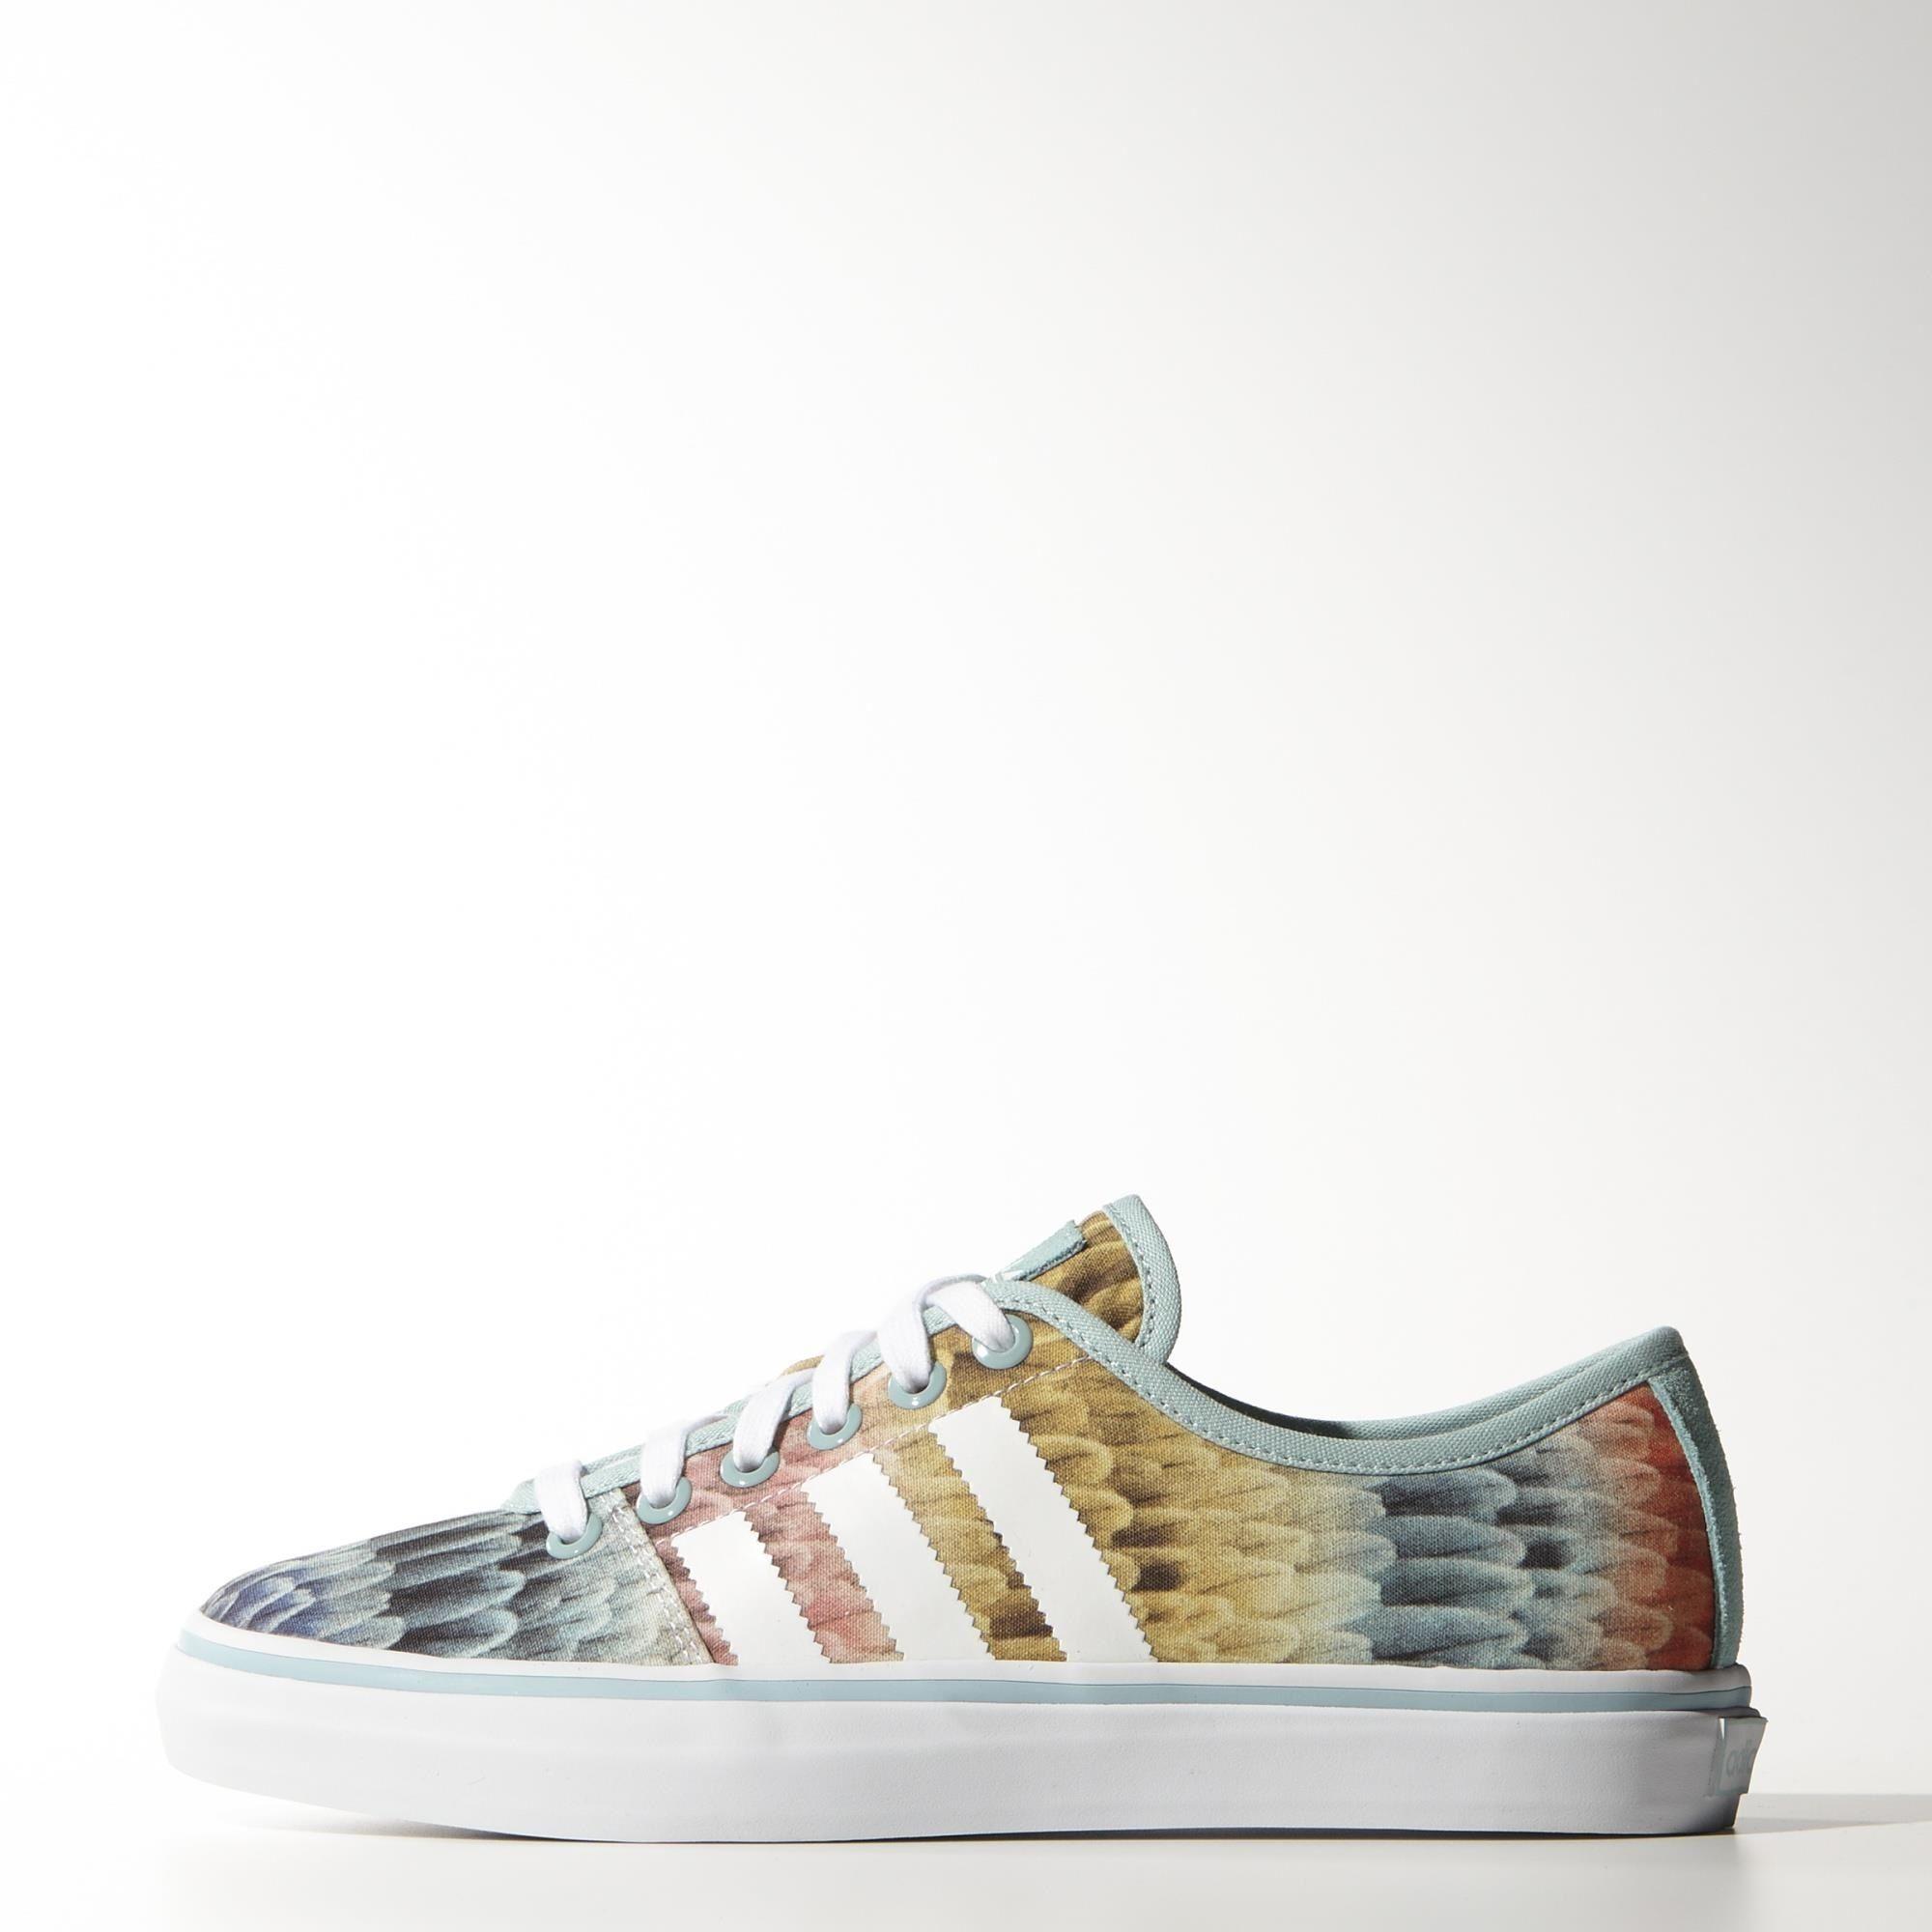 Pinterest accessoires Adria Shoes Adidas Kleding Farm en Low PzxanSq0